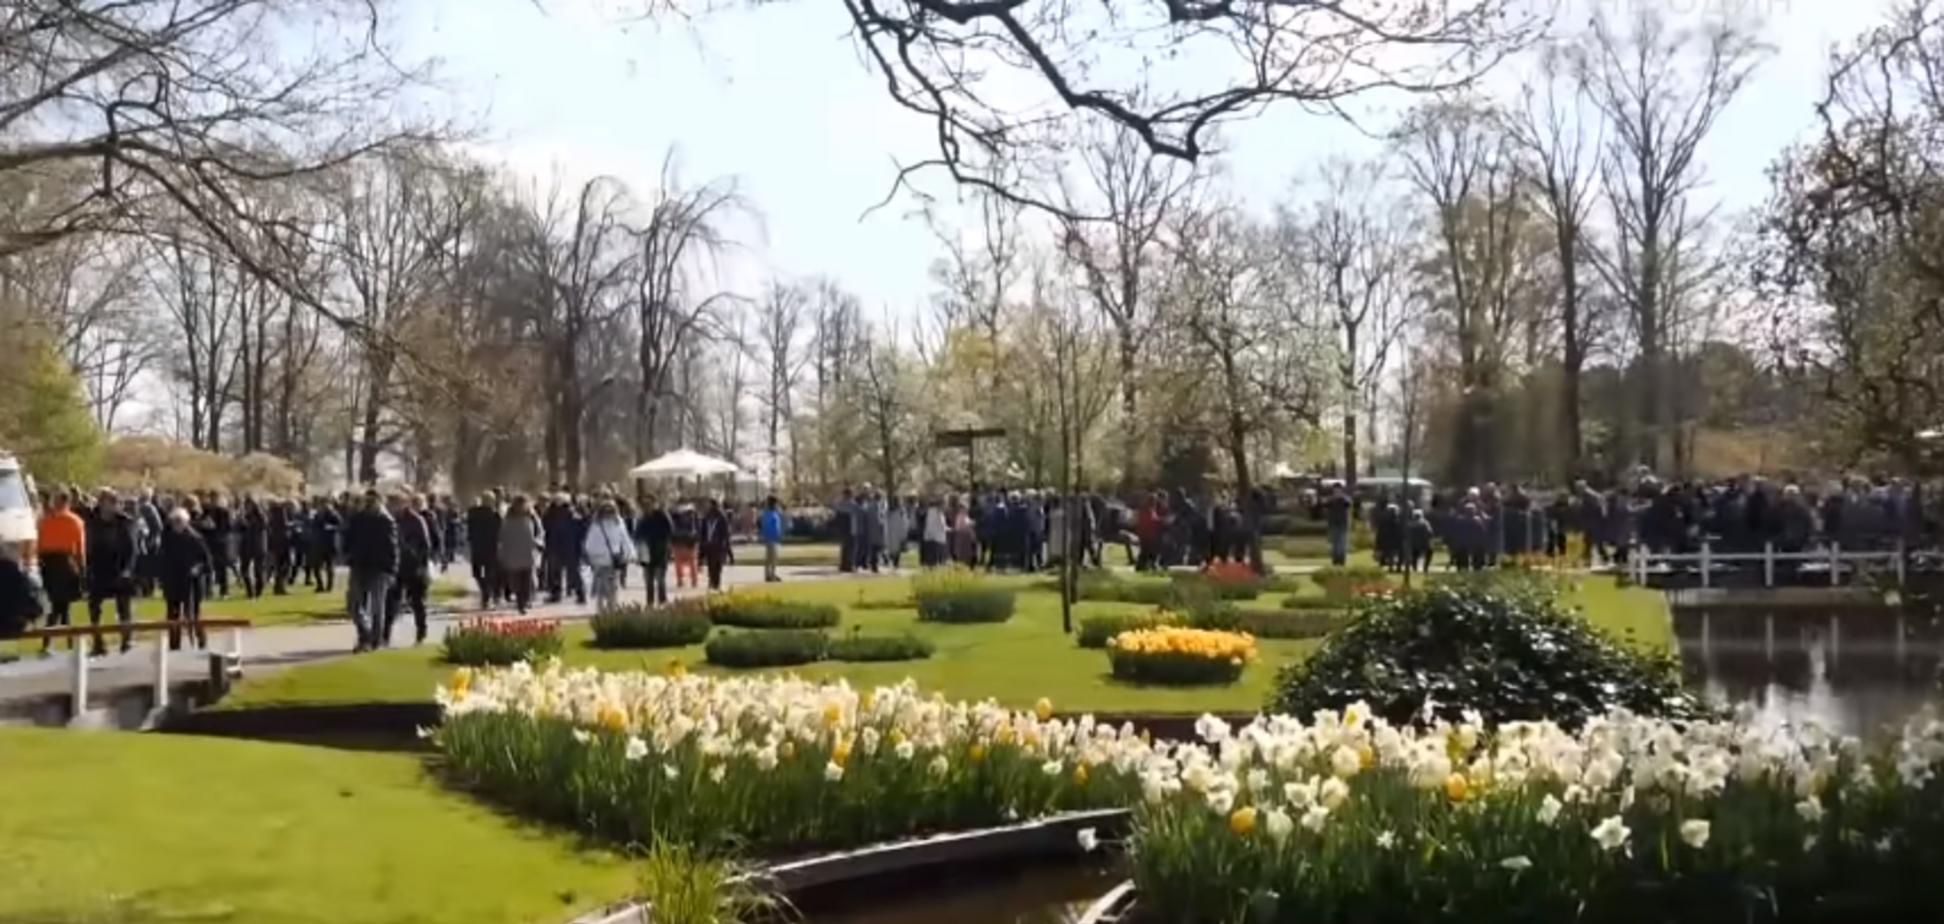 Майские-2019: названы популярные маршруты для отдыха среди украинцев